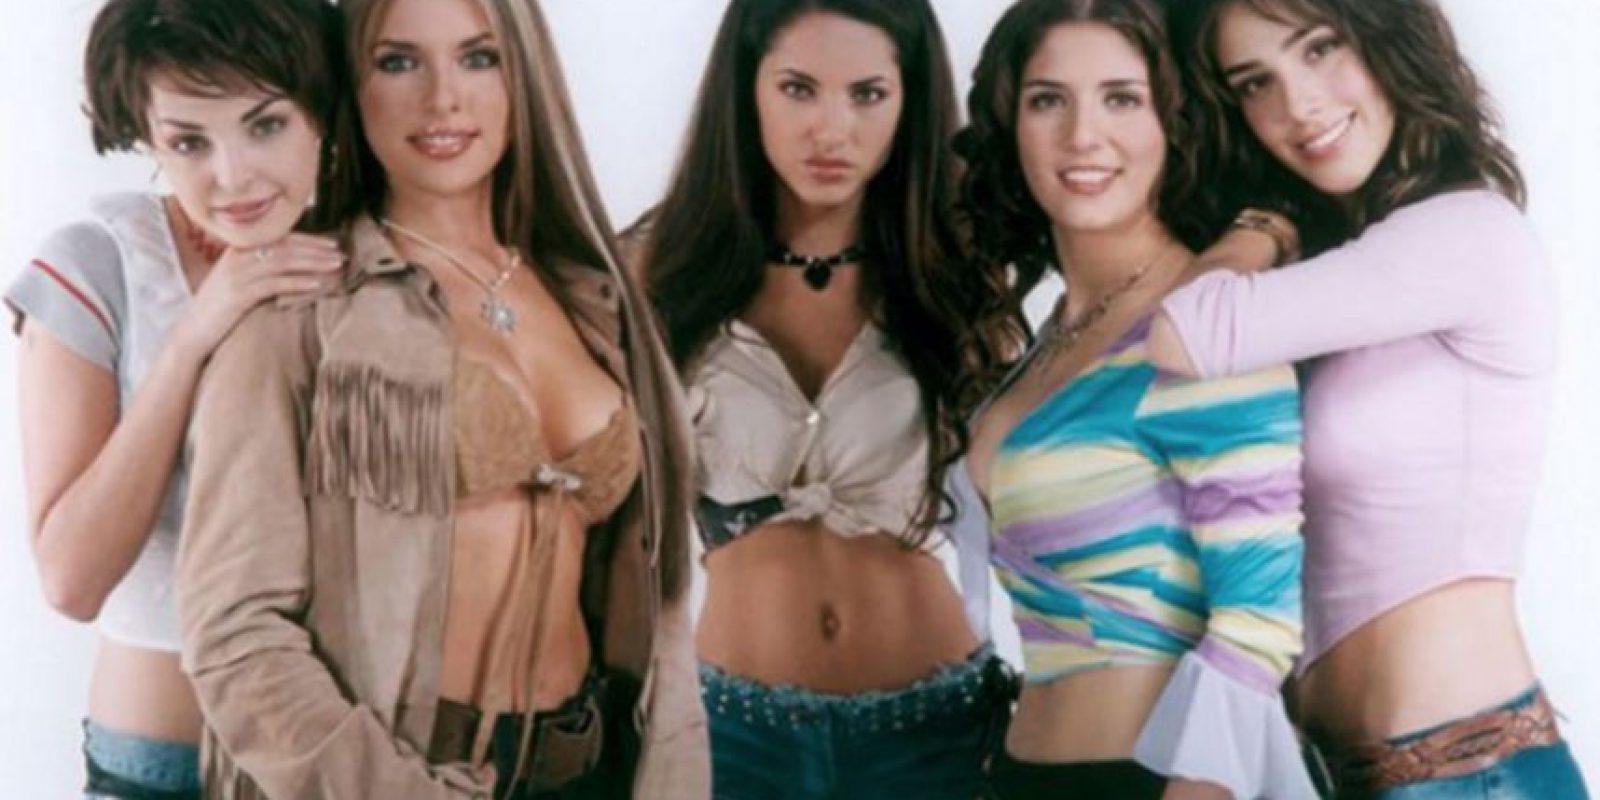 """Dos años después, llegó la fama mundial con la telenovela """"Rubí"""", donde era la villana y la protagonista. Y donde por sus maldades y frases en particular, se consagró como una de las mejores villanas de la historia de las telenovelas mexicanas."""